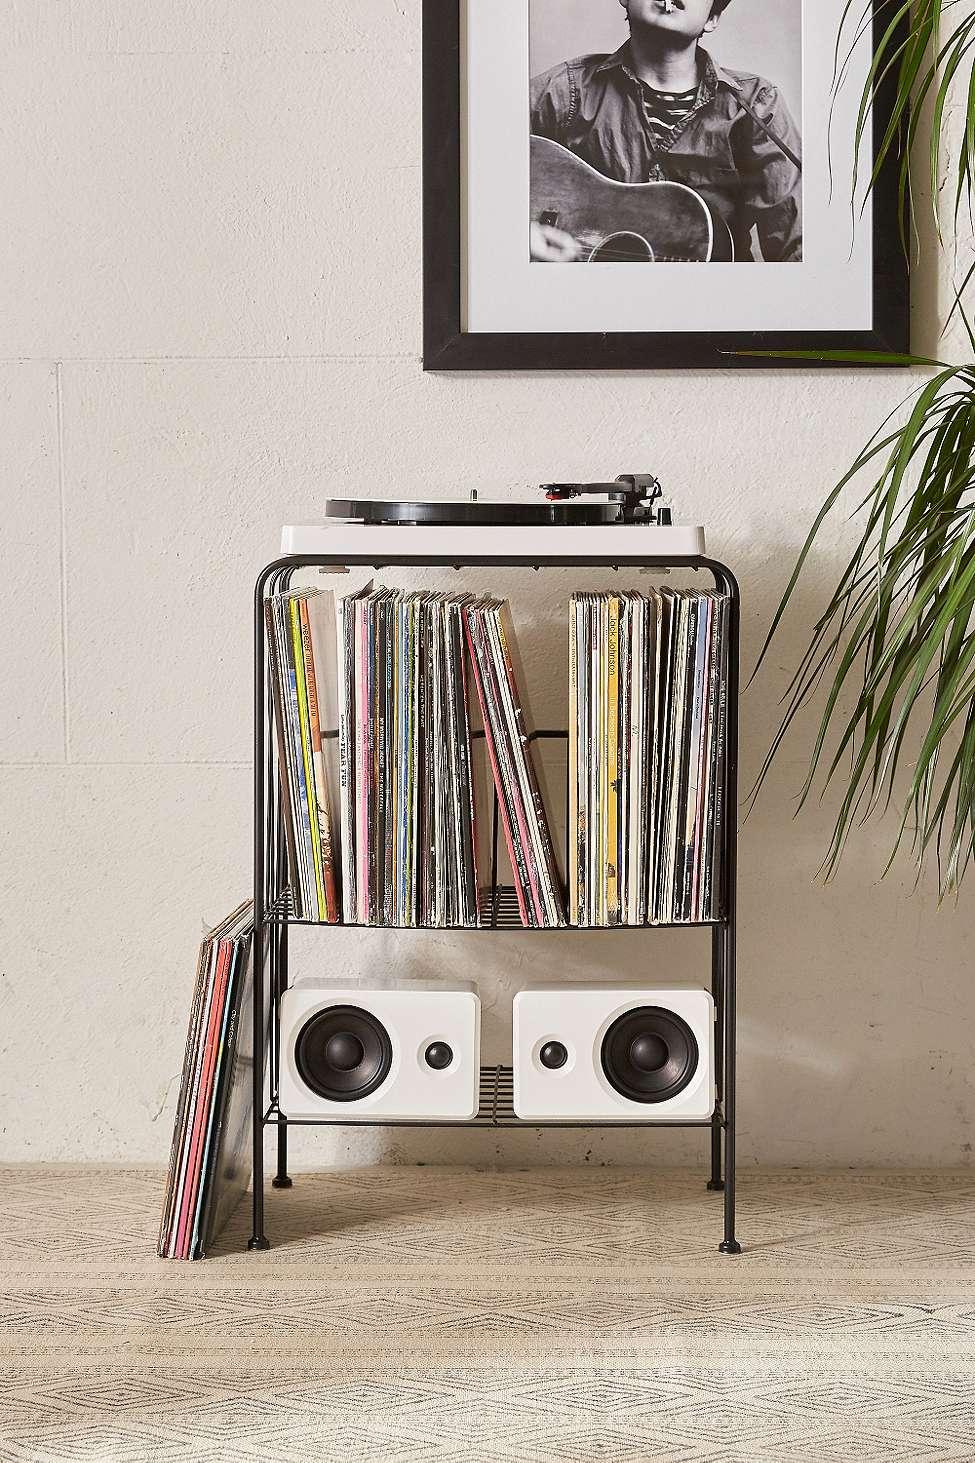 Meuble De Rangement Melanie Pour Disques Vinyle | Urban Outfitters